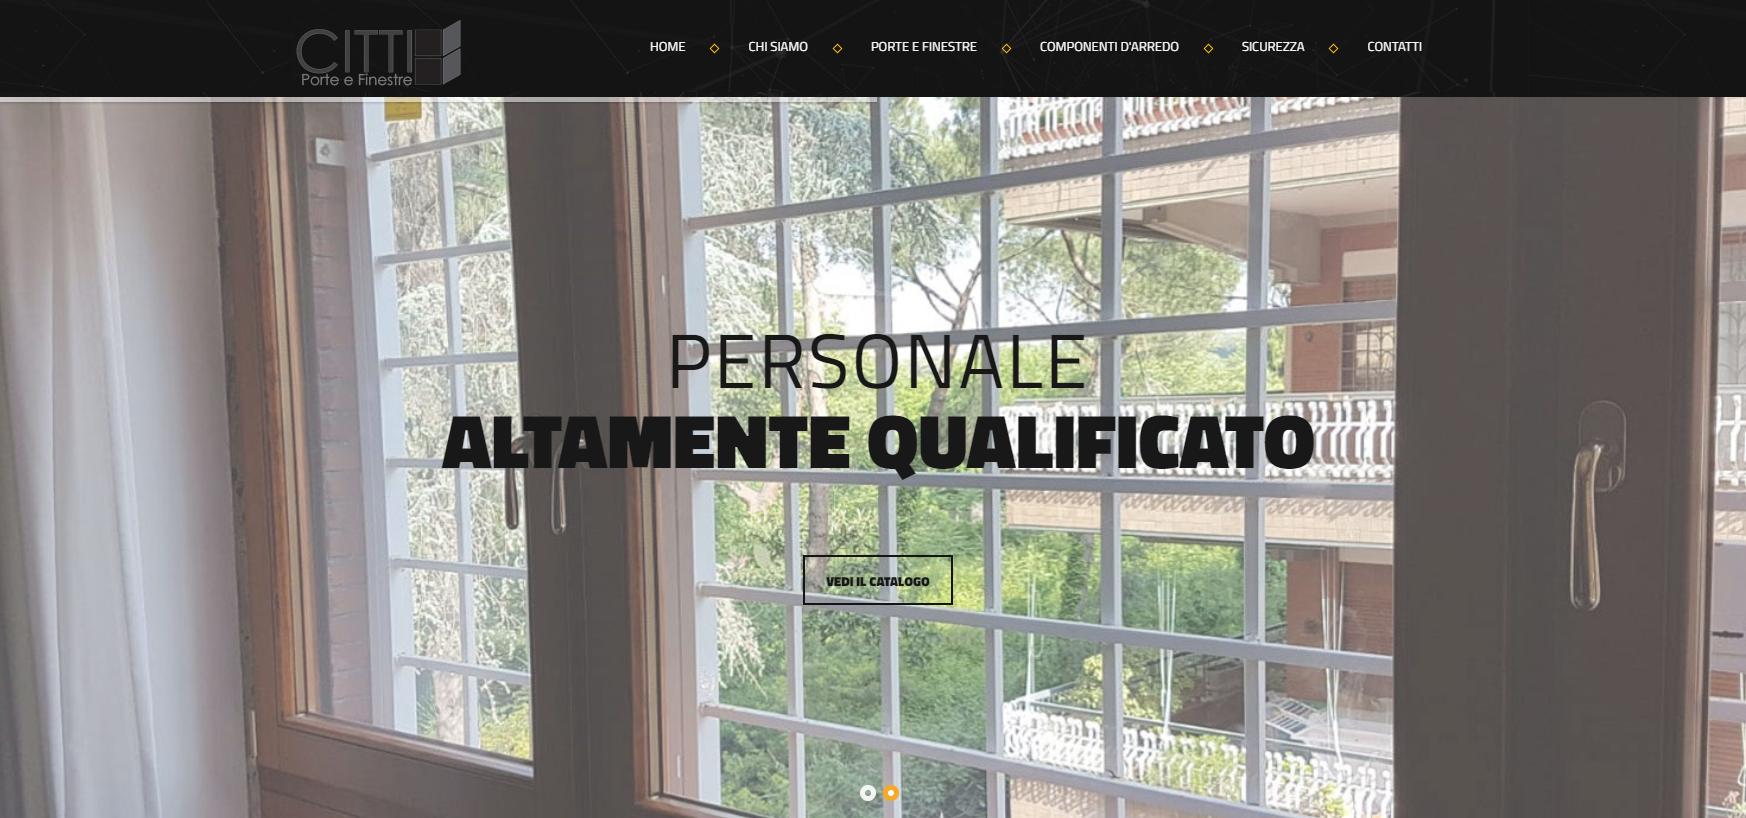 Citti serramenti porte e finestre ultimi progetti web - Serramenti e finestre ...